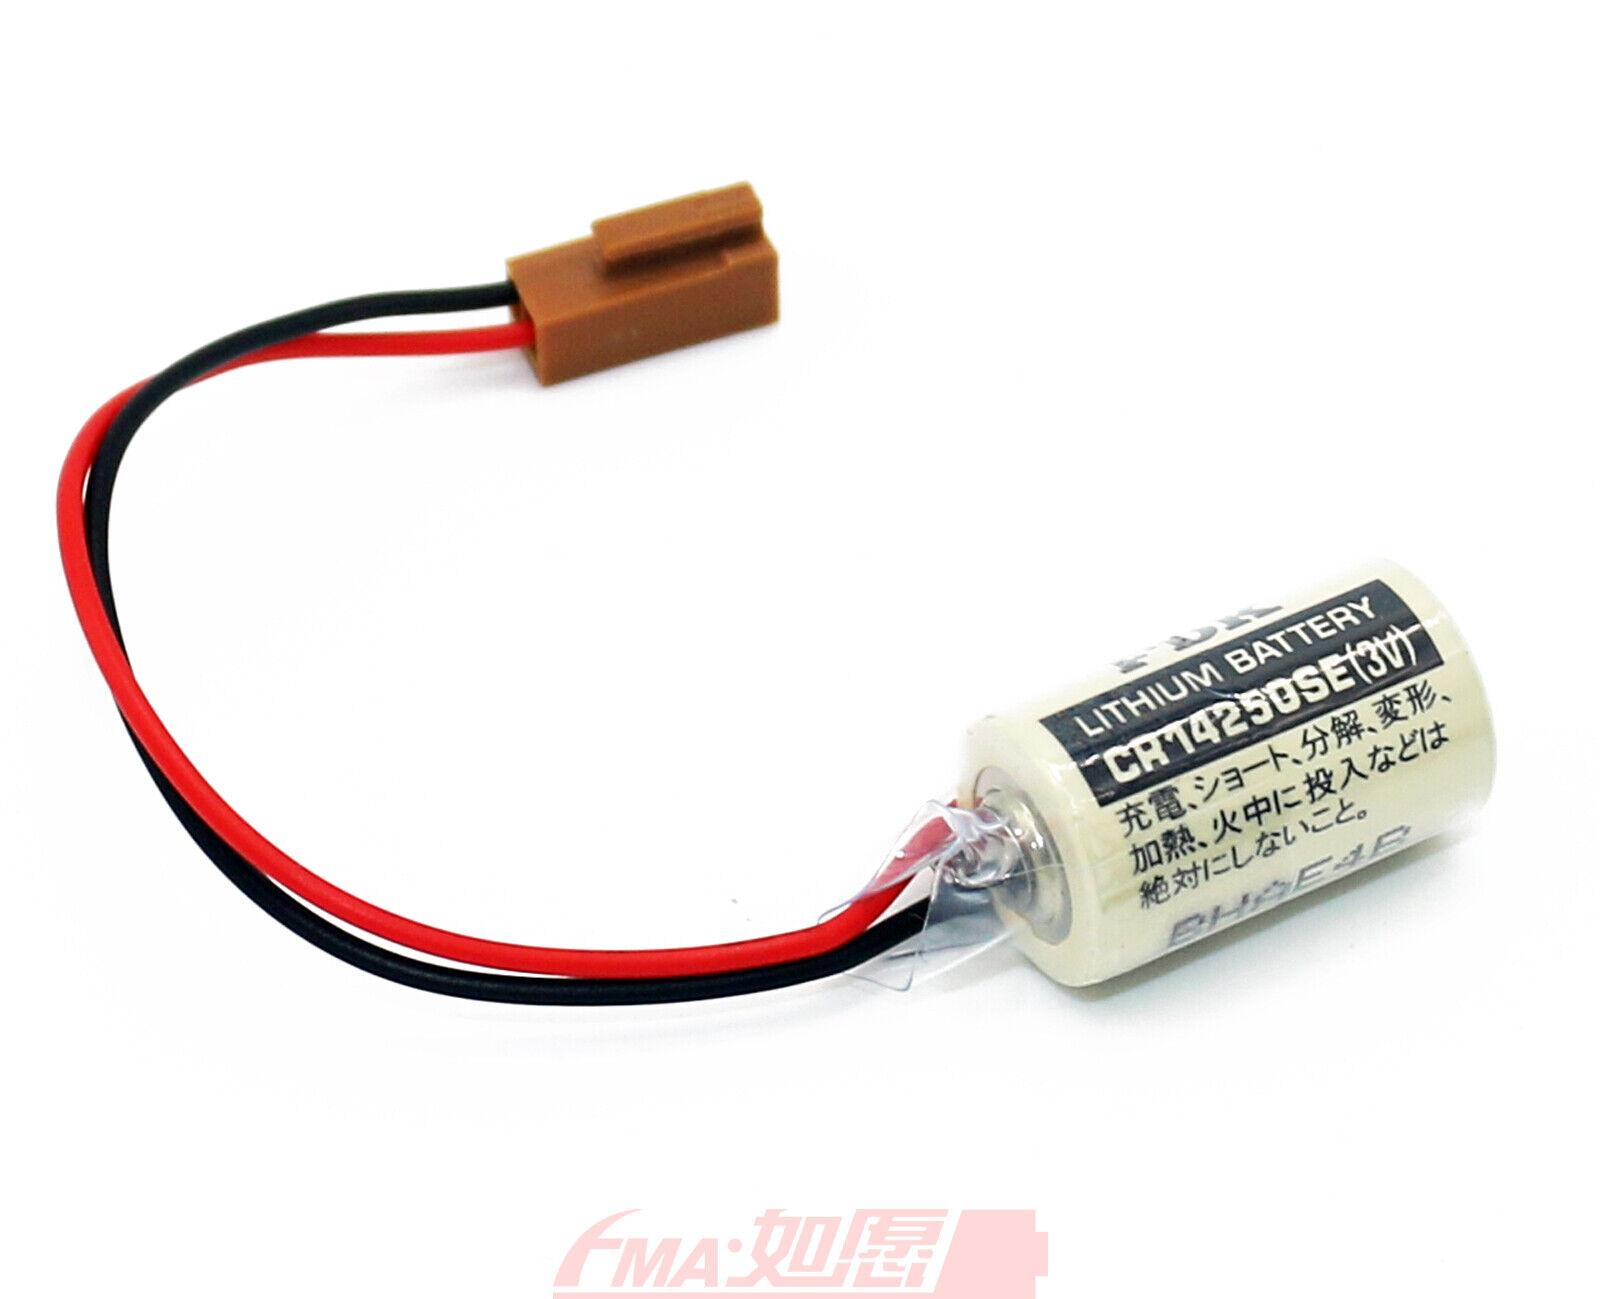 FDK Lithium 3V Batterie CR 14250SE-FT1 1//2AA Rastermaß 7,5 Zelle 2//1 pin +//